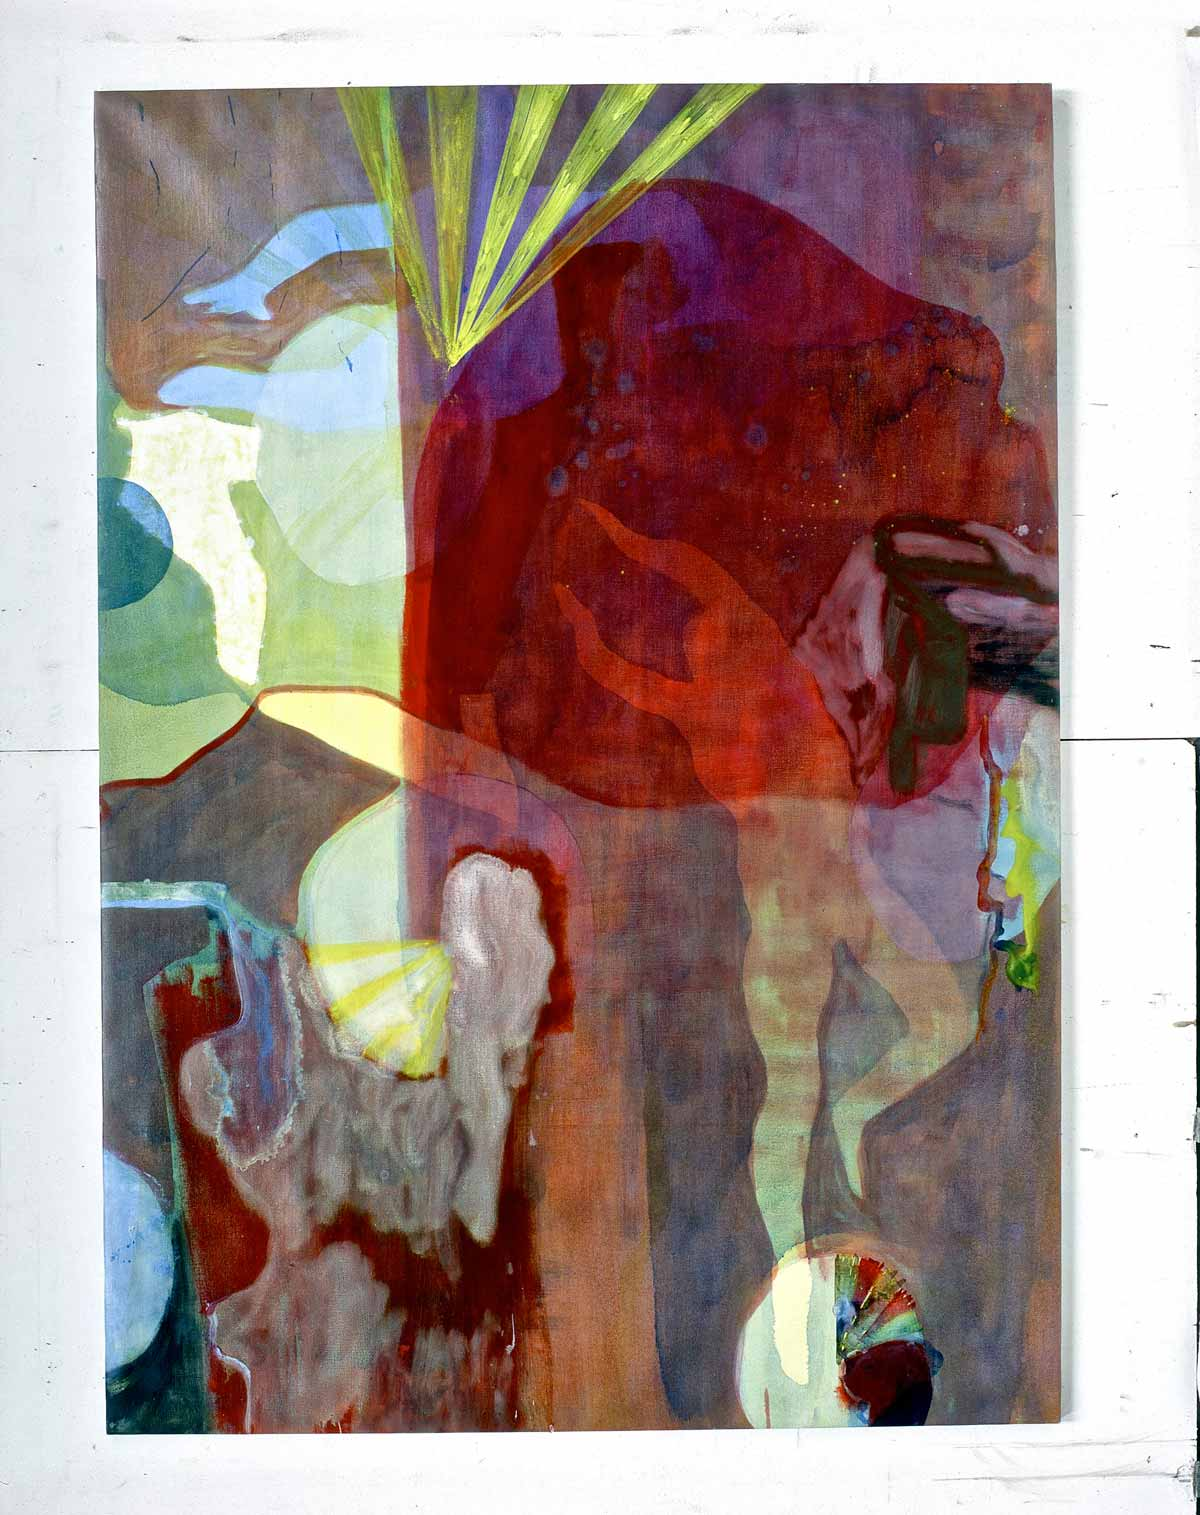 Hamlet, olie på lærred, 204x147 cm, Foreningen af Yngre Læger